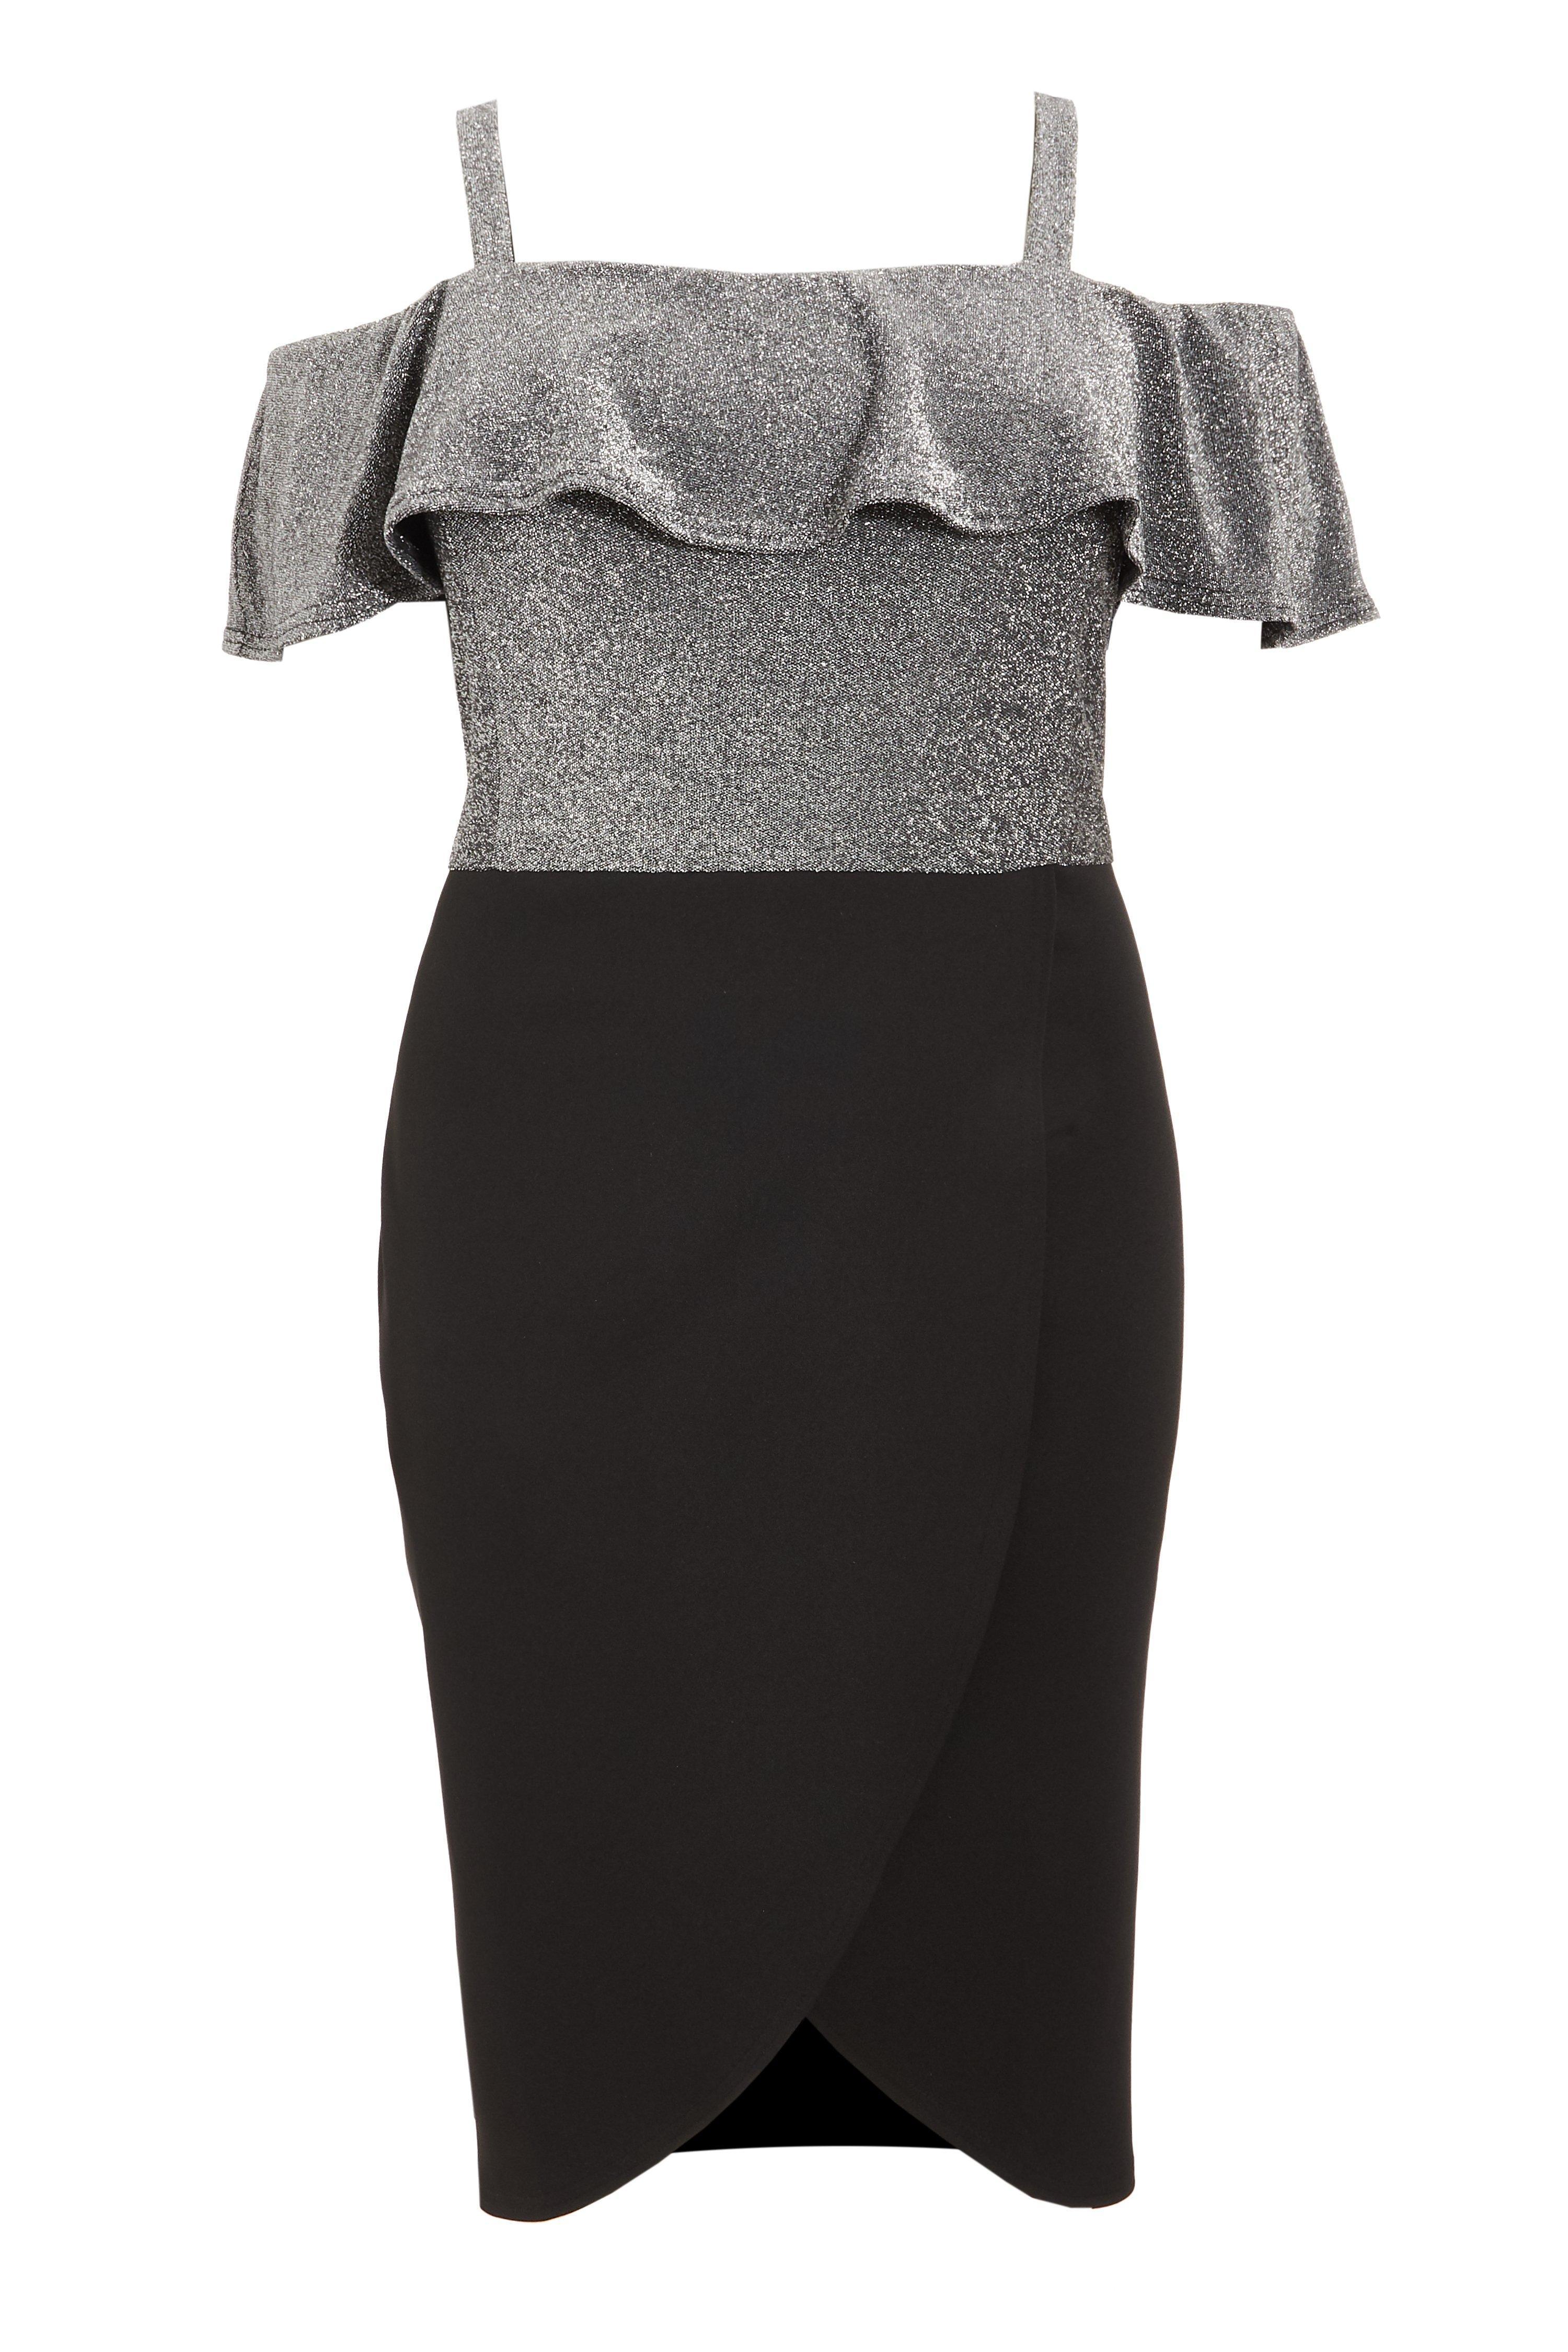 Black New Quiz Glitter Bardot Dip Hem Dress Size 20-120